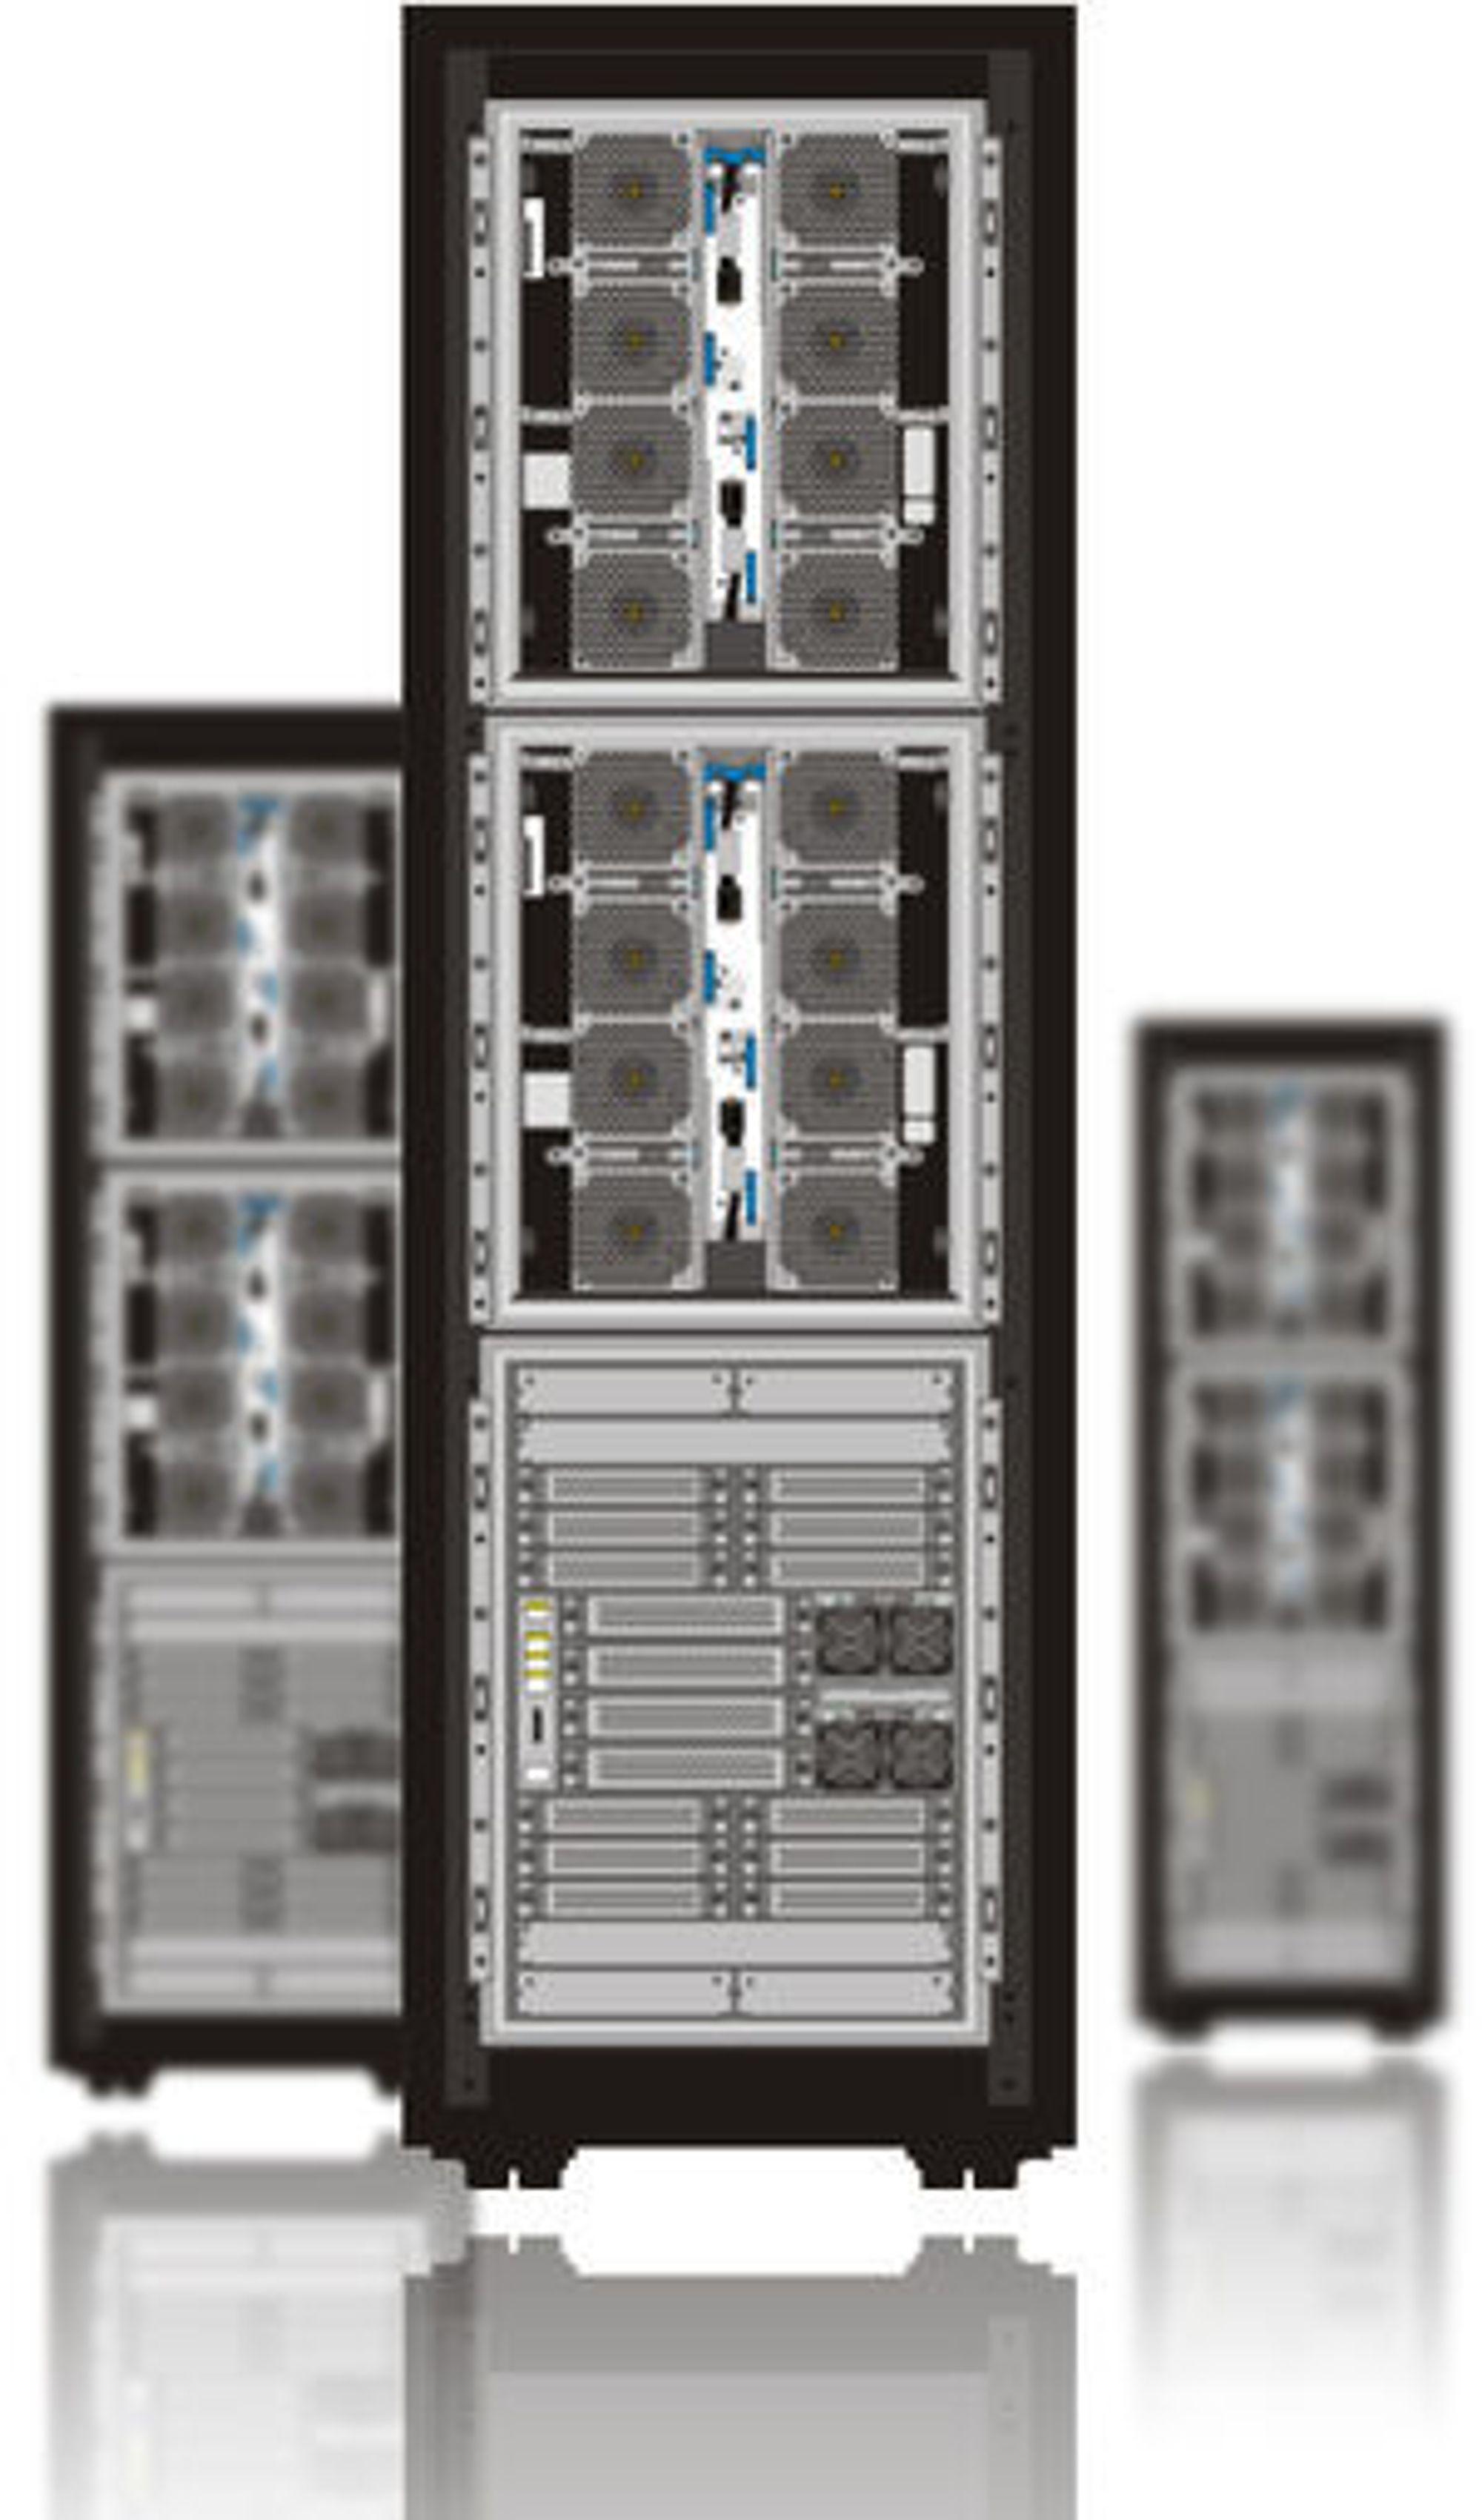 Baksiden av Hitachi VSP gjenspeiler det nye prinsippet der kjøleluft sendes horisontalt gjennom systemet, framfor loddrett. Hitachi mener det passer bedre til hvordan moderne datasentraler er lagt opp, med egne kjølekorridorer.